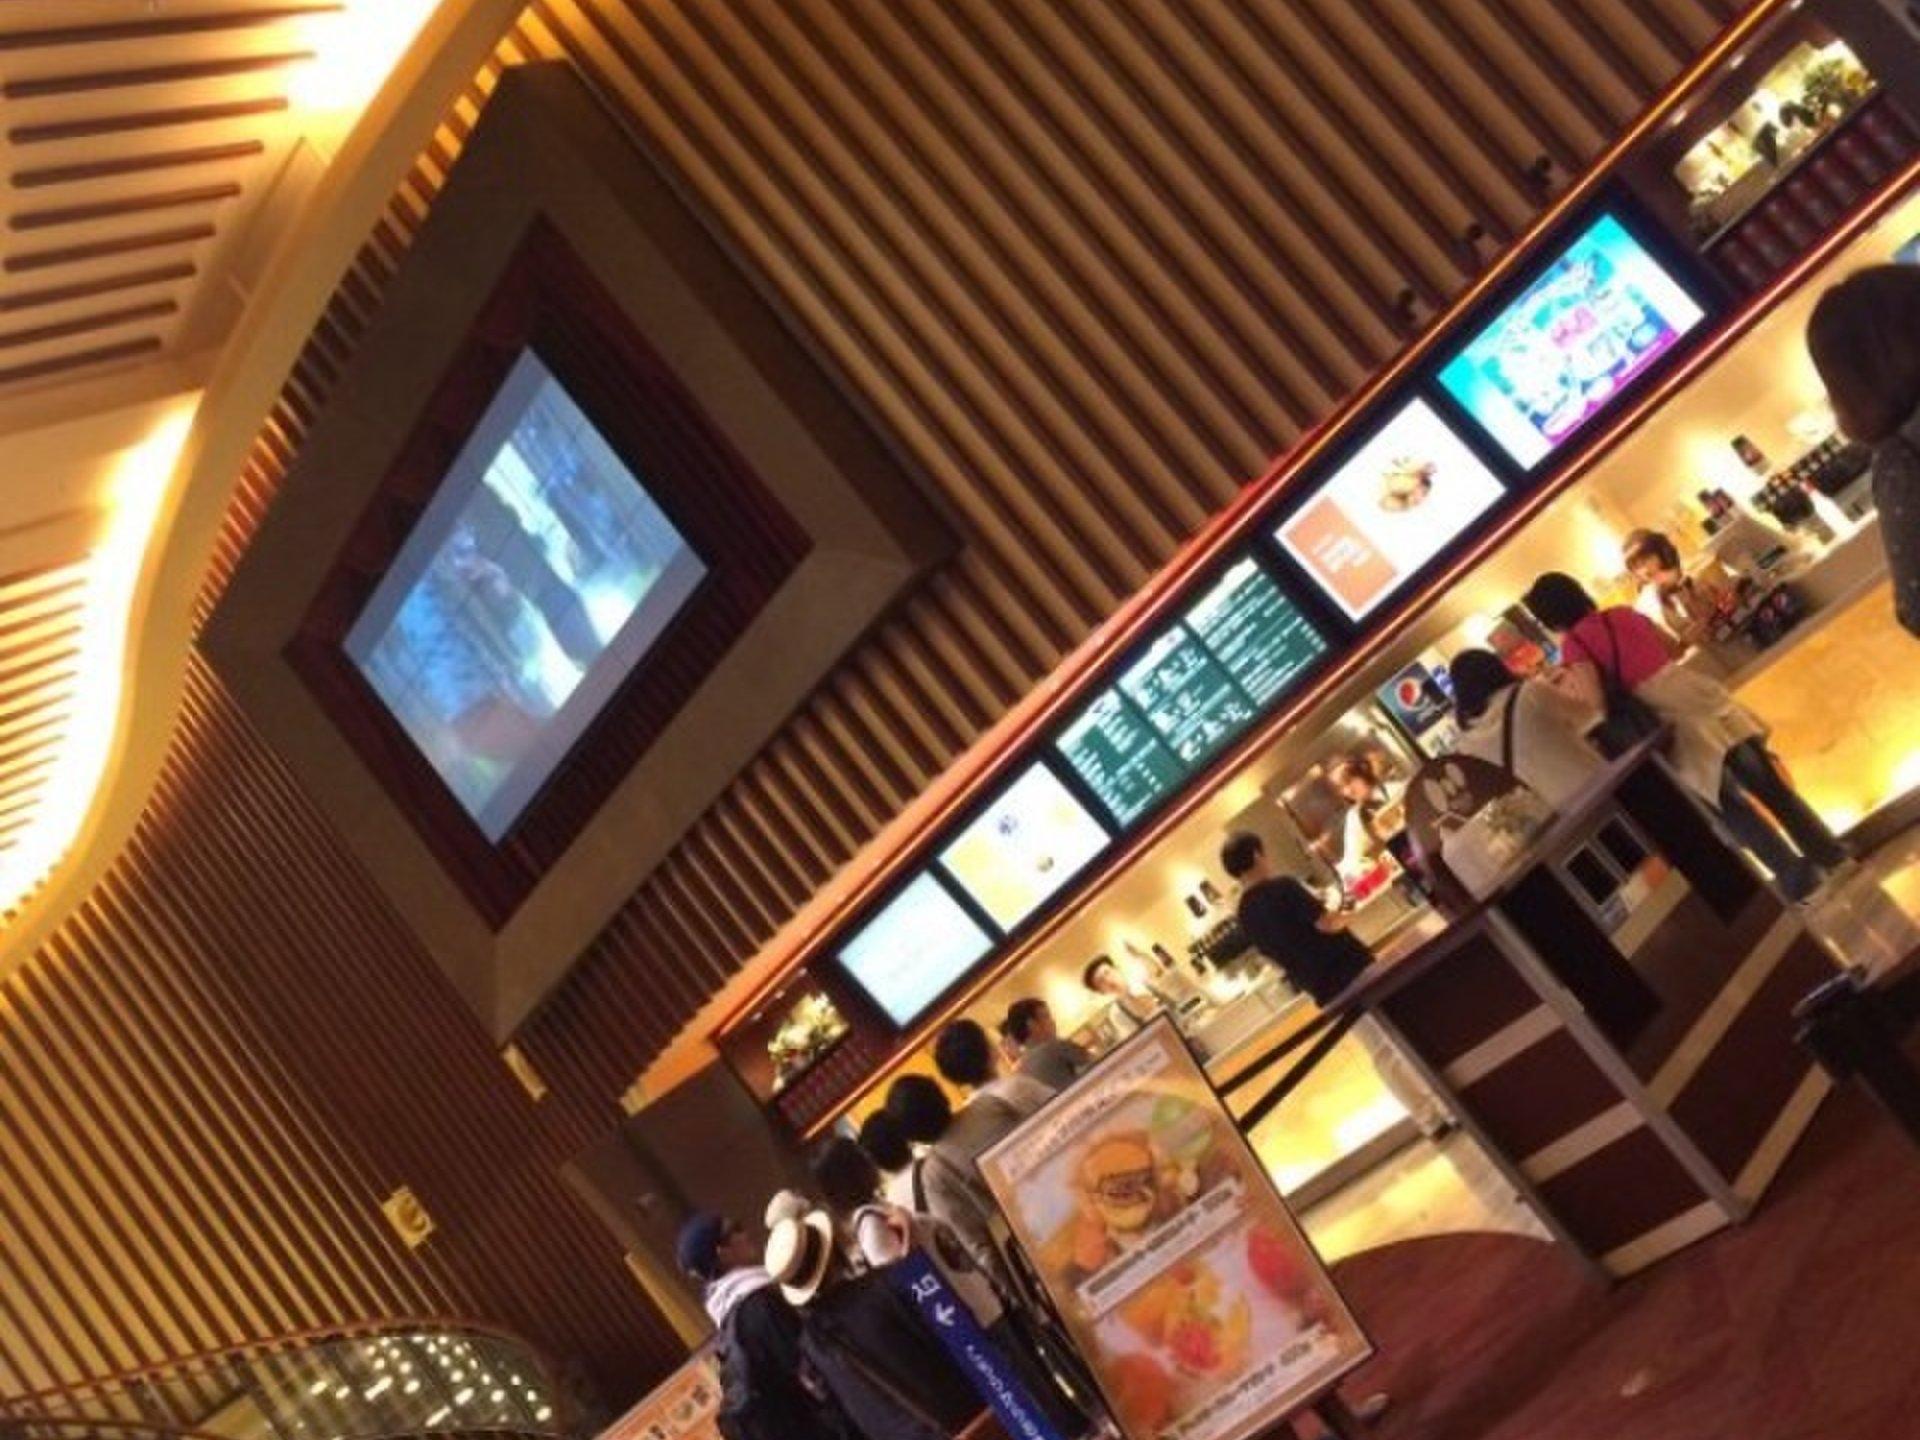 【絶対失敗したくない初デートにおすすめ!】新宿で楽しめる定番デートコース♪